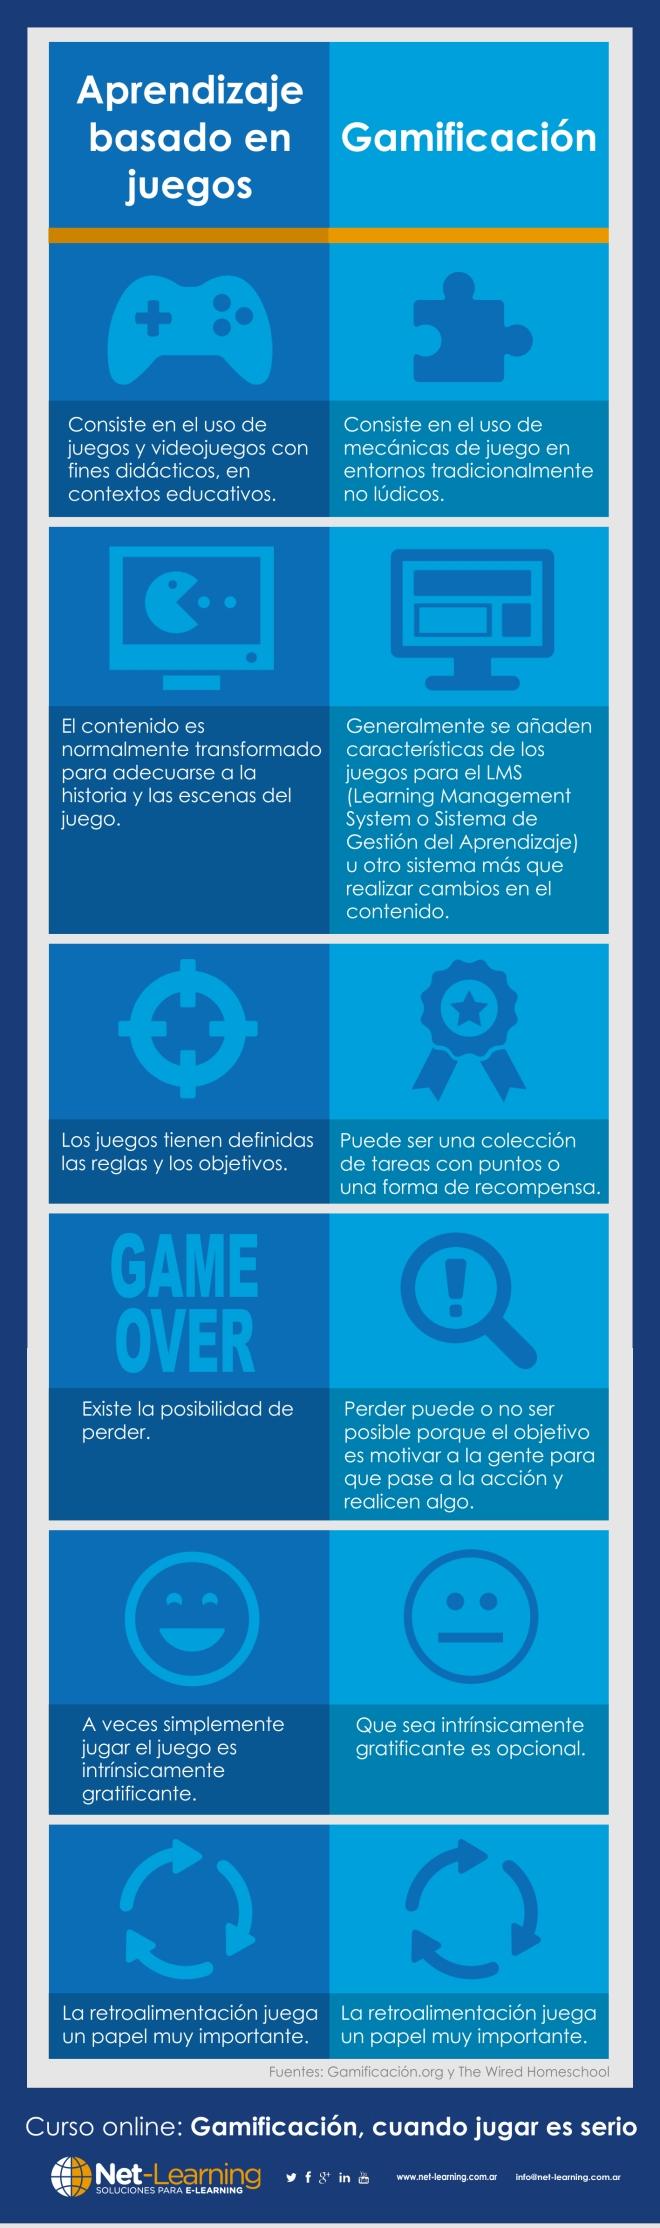 Aprendizaje basado en juegos vs Gamificación